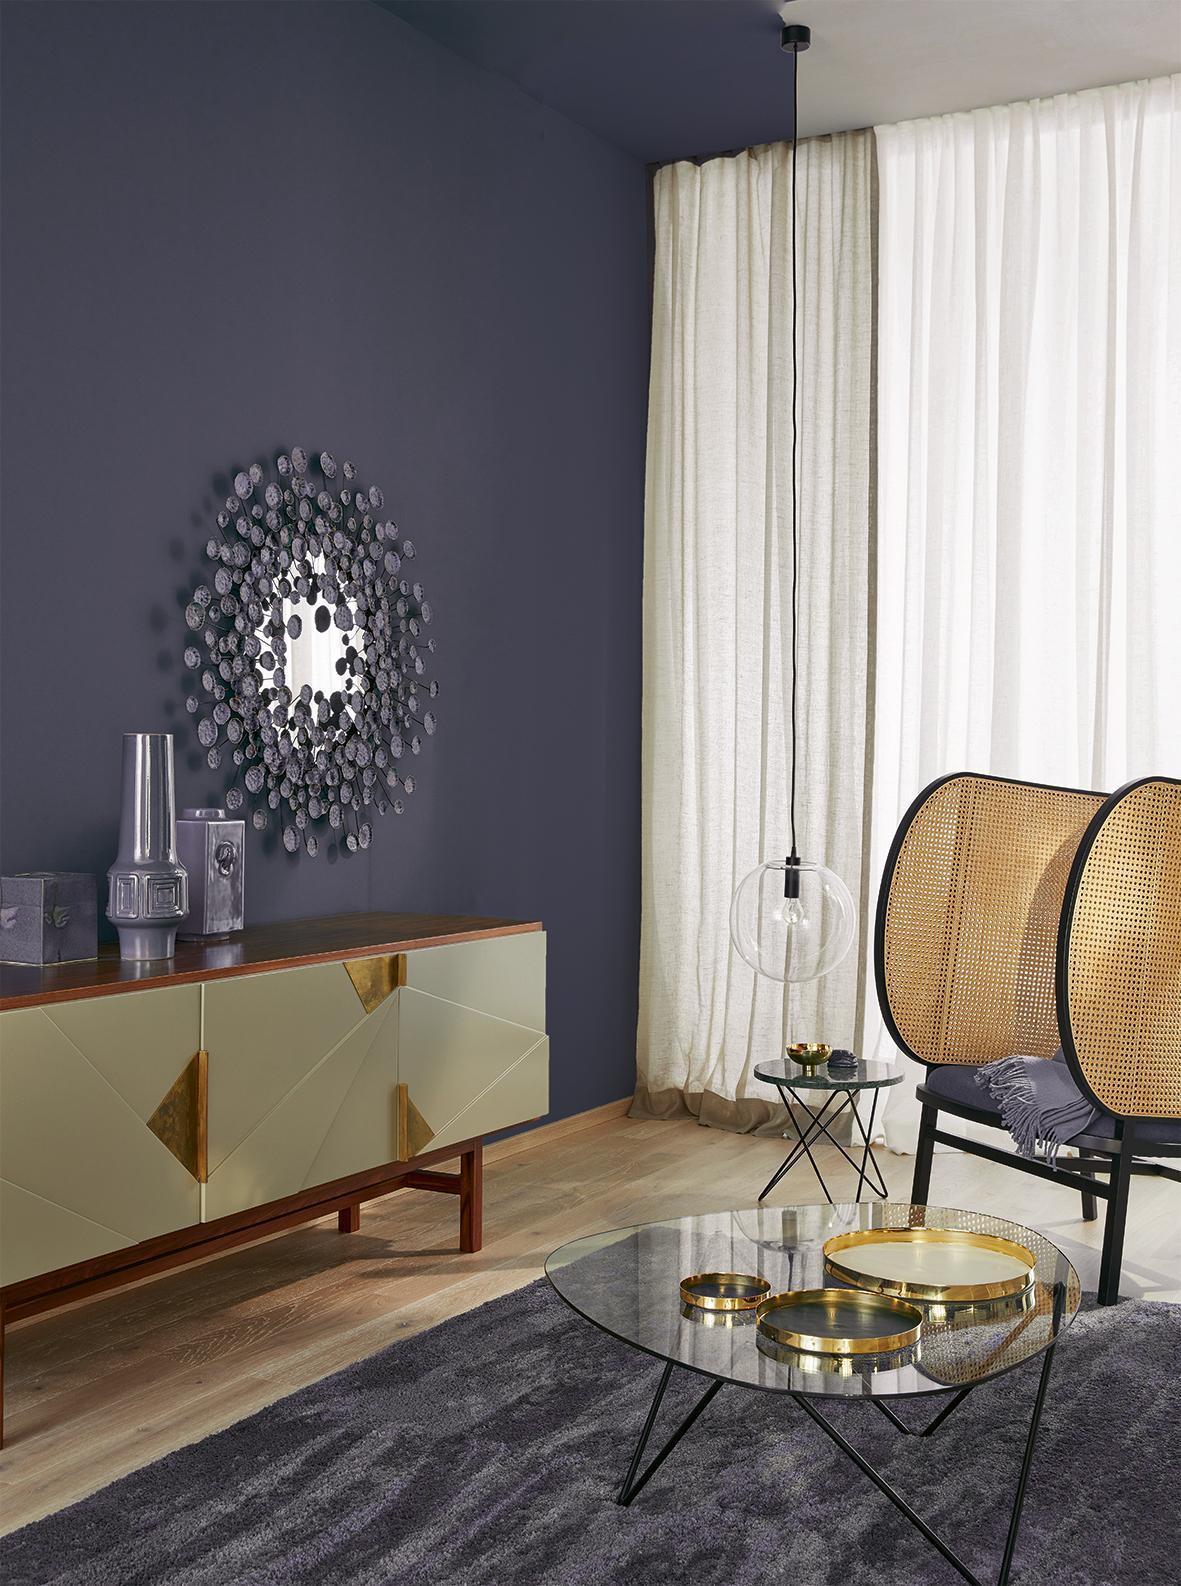 best spiegel im wohnzimmer pictures - home design ideas, Wohnzimmer